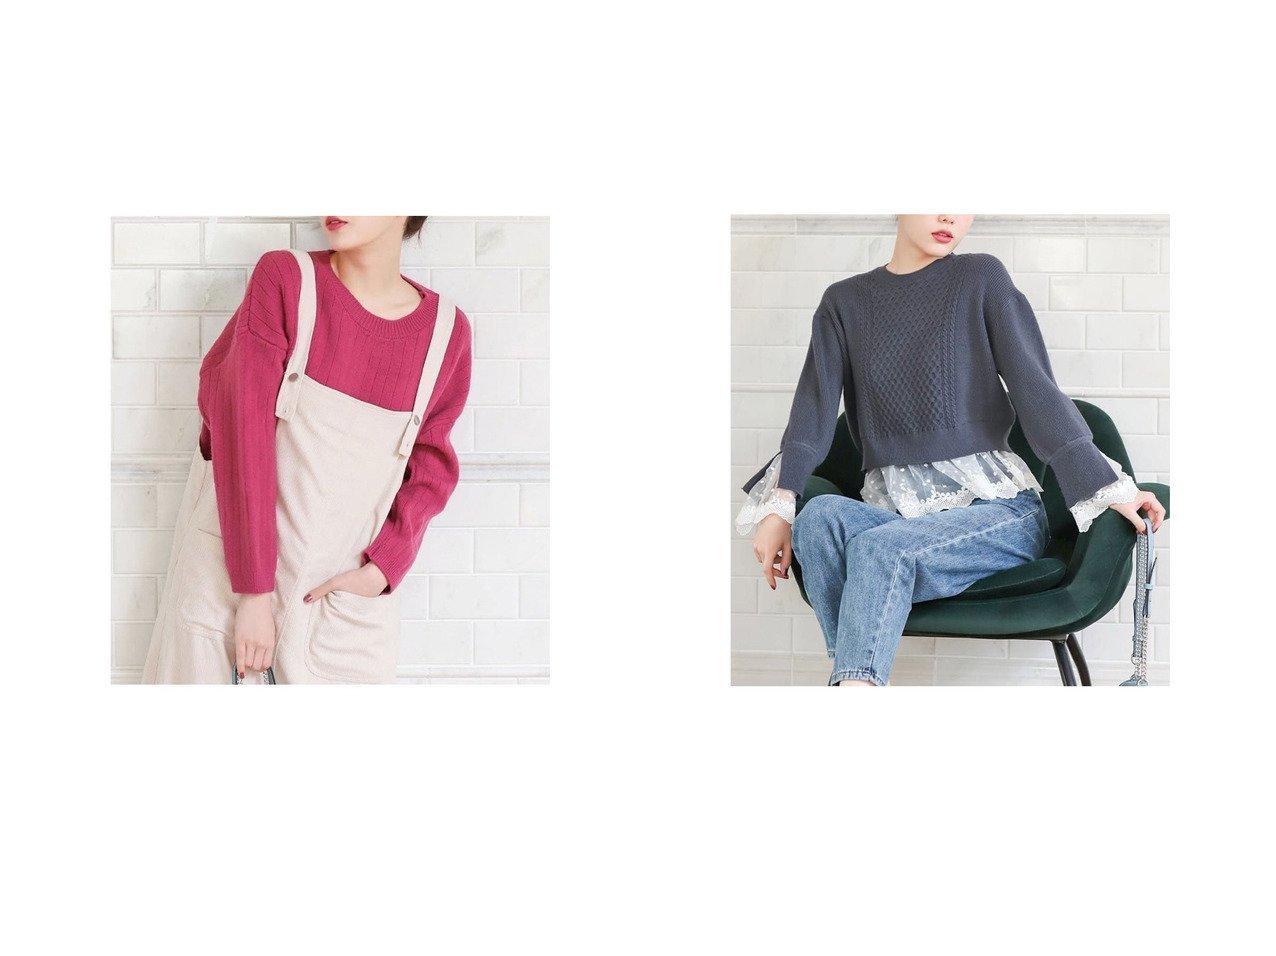 【fifth/フィフス】のオーバーサイズカラーリブニット&レースドッキングケーブルニット fifthのおすすめ!人気、トレンド・レディースファッションの通販  おすすめで人気の流行・トレンド、ファッションの通販商品 メンズファッション・キッズファッション・インテリア・家具・レディースファッション・服の通販 founy(ファニー) https://founy.com/ ファッション Fashion レディースファッション WOMEN トップス Tops Tshirt ニット Knit Tops 2021年 2021 2021 春夏 S/S SS Spring/Summer 2021 A/W 秋冬 AW Autumn/Winter / FW Fall-Winter S/S 春夏 SS Spring/Summer スマート リブニット リラックス 春 Spring |ID:crp329100000017654